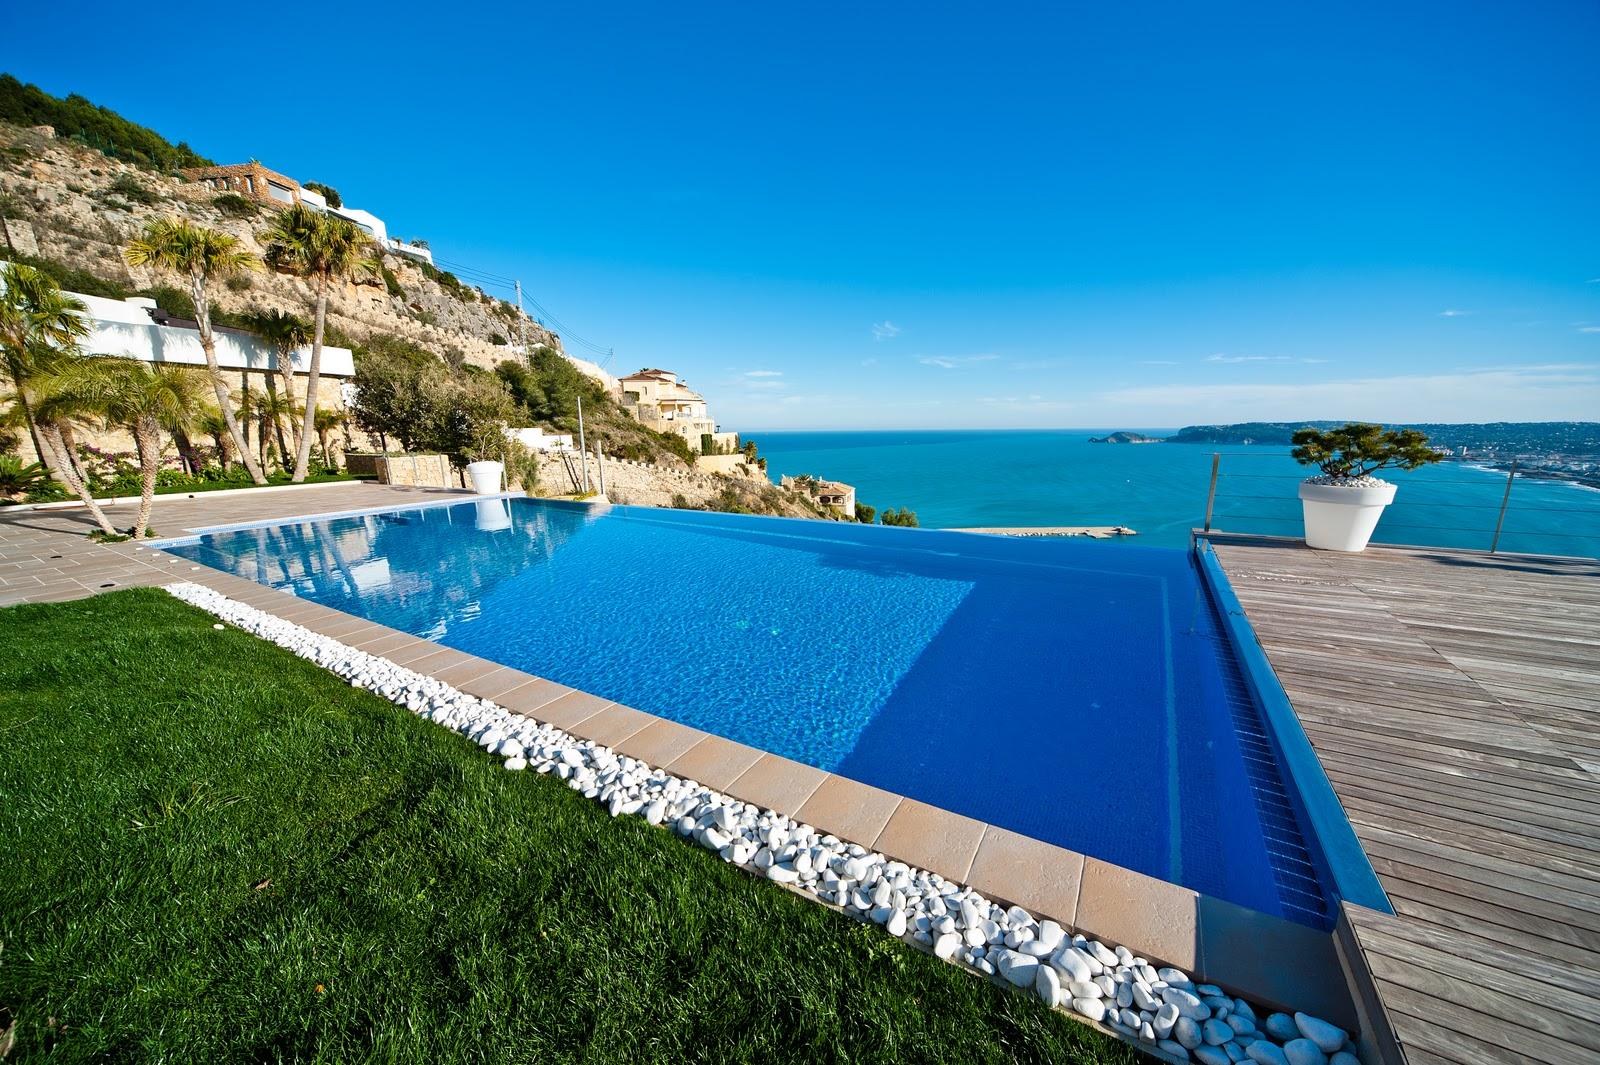 Premio oro aquamar 2011 lucas gunitec for Gunitec piscinas